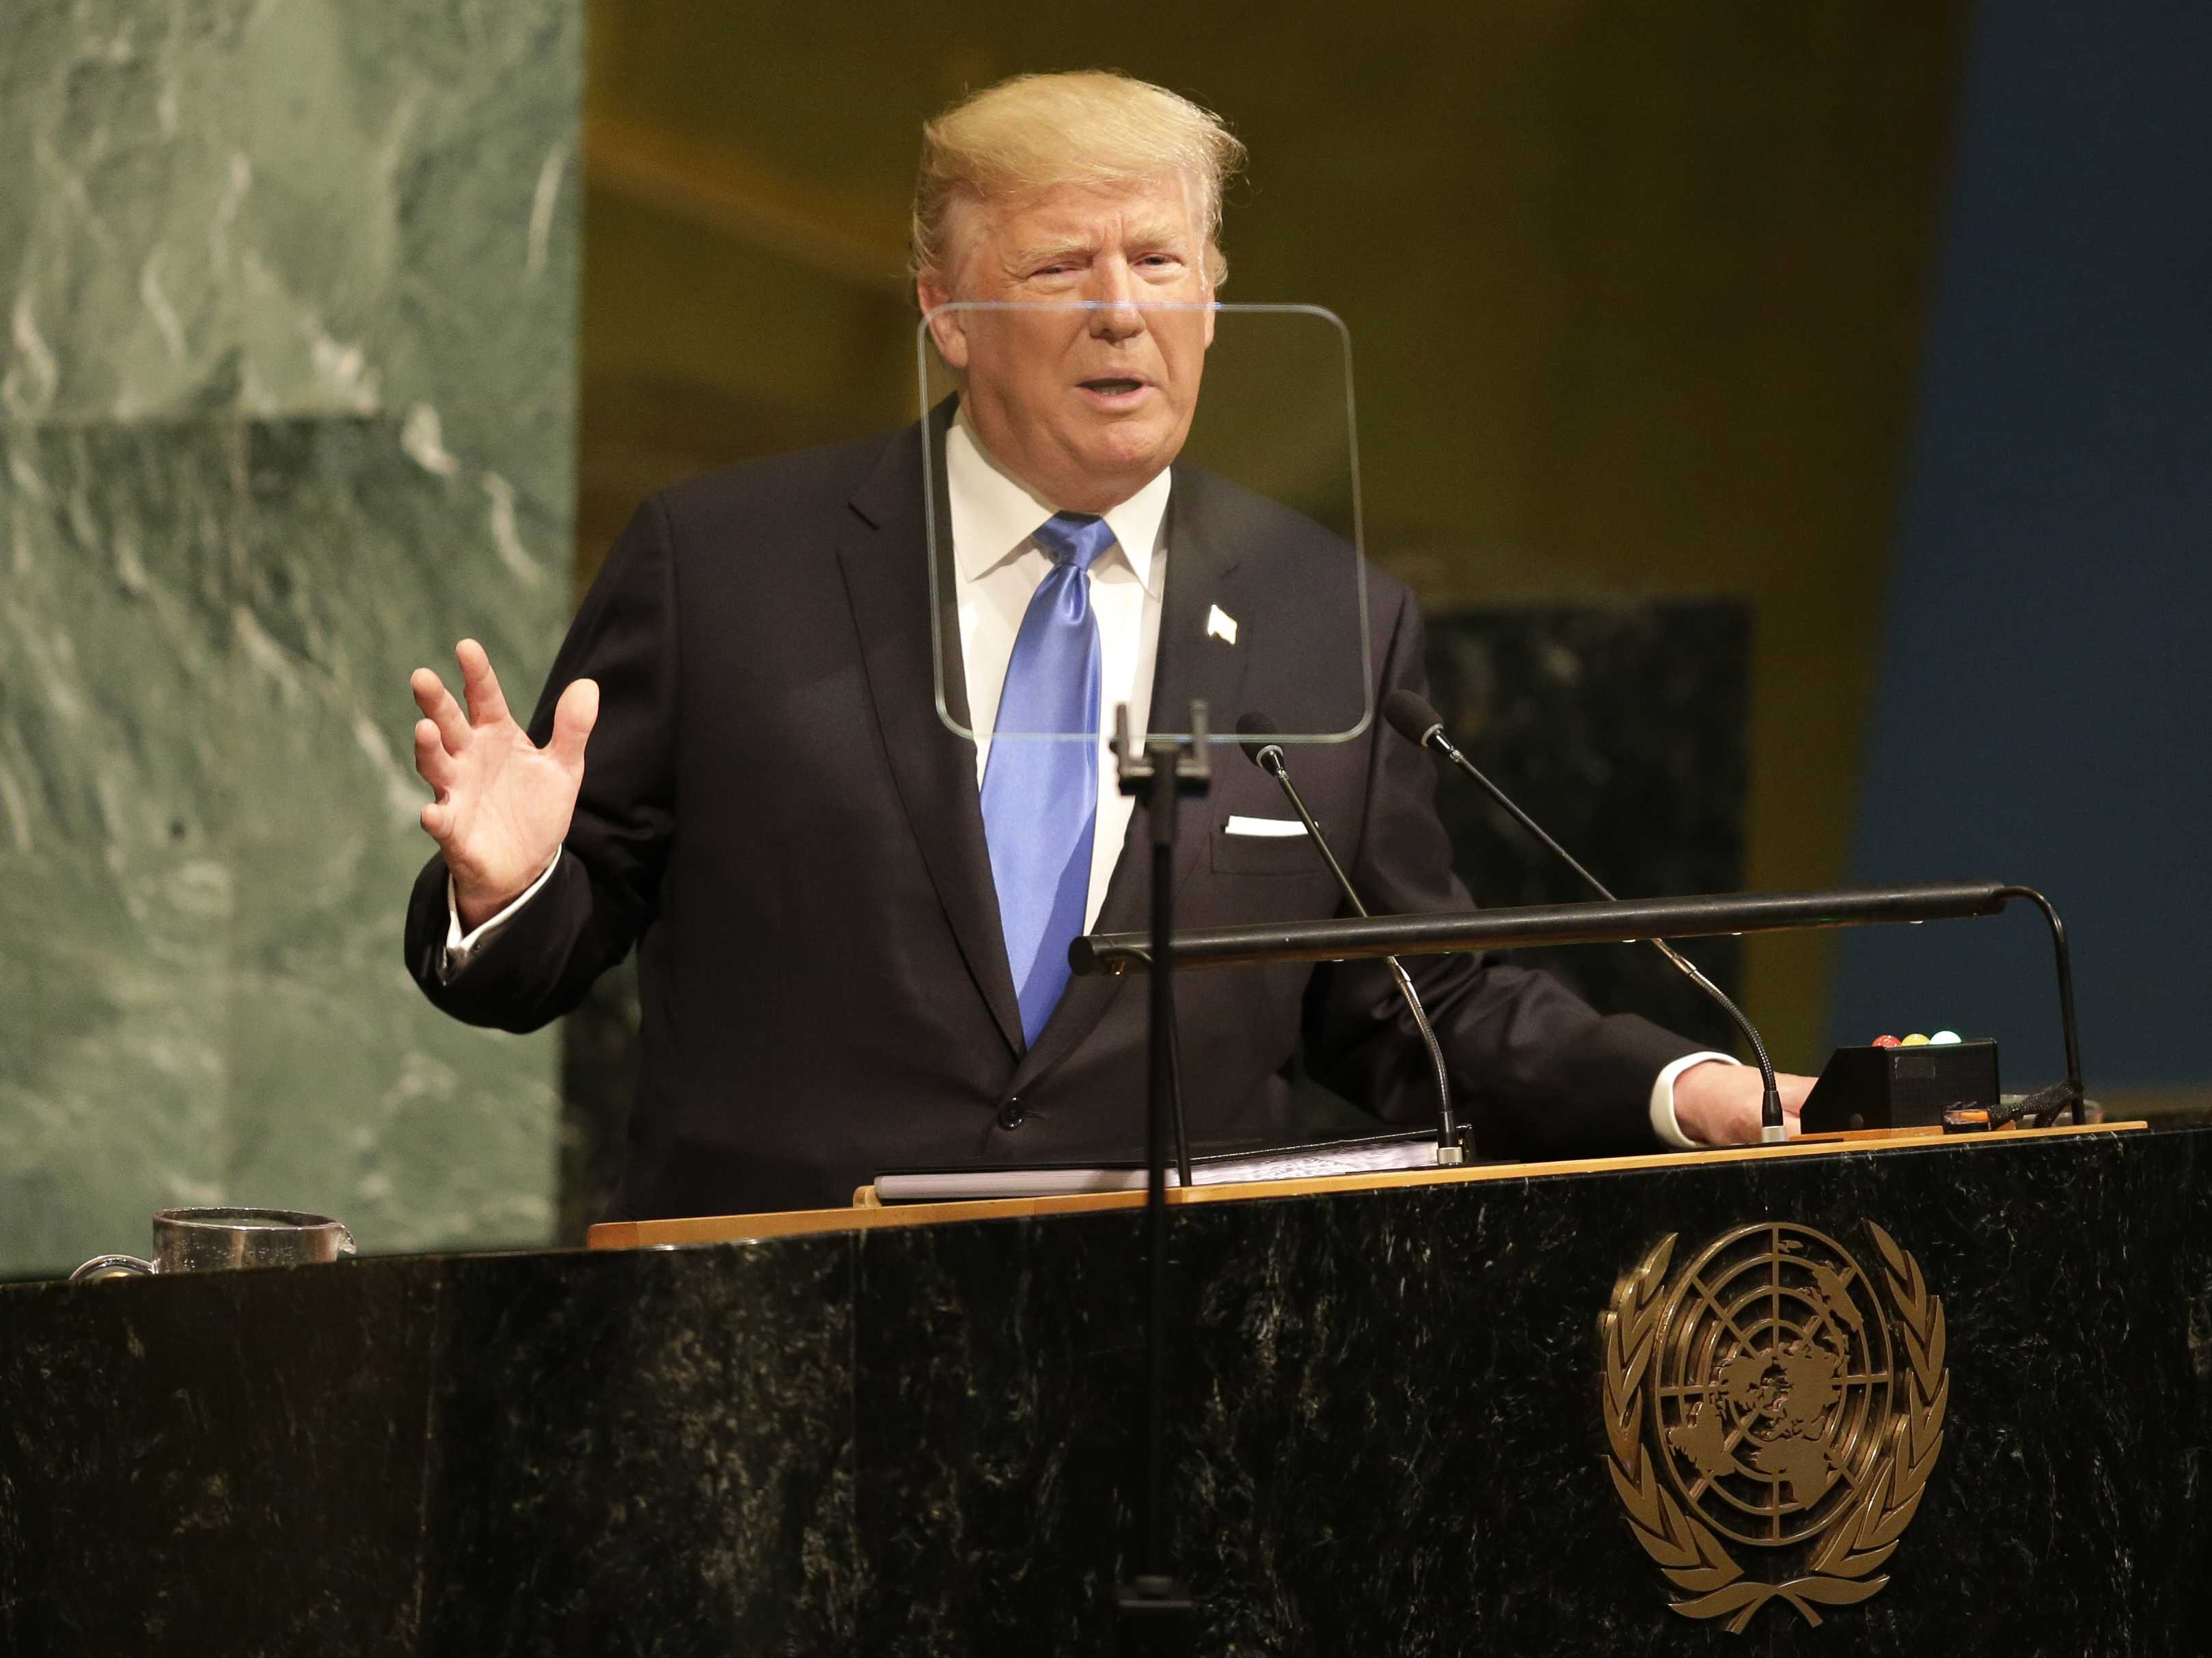 At UN, Trump Threatens 'Total Destruction' of North Korea